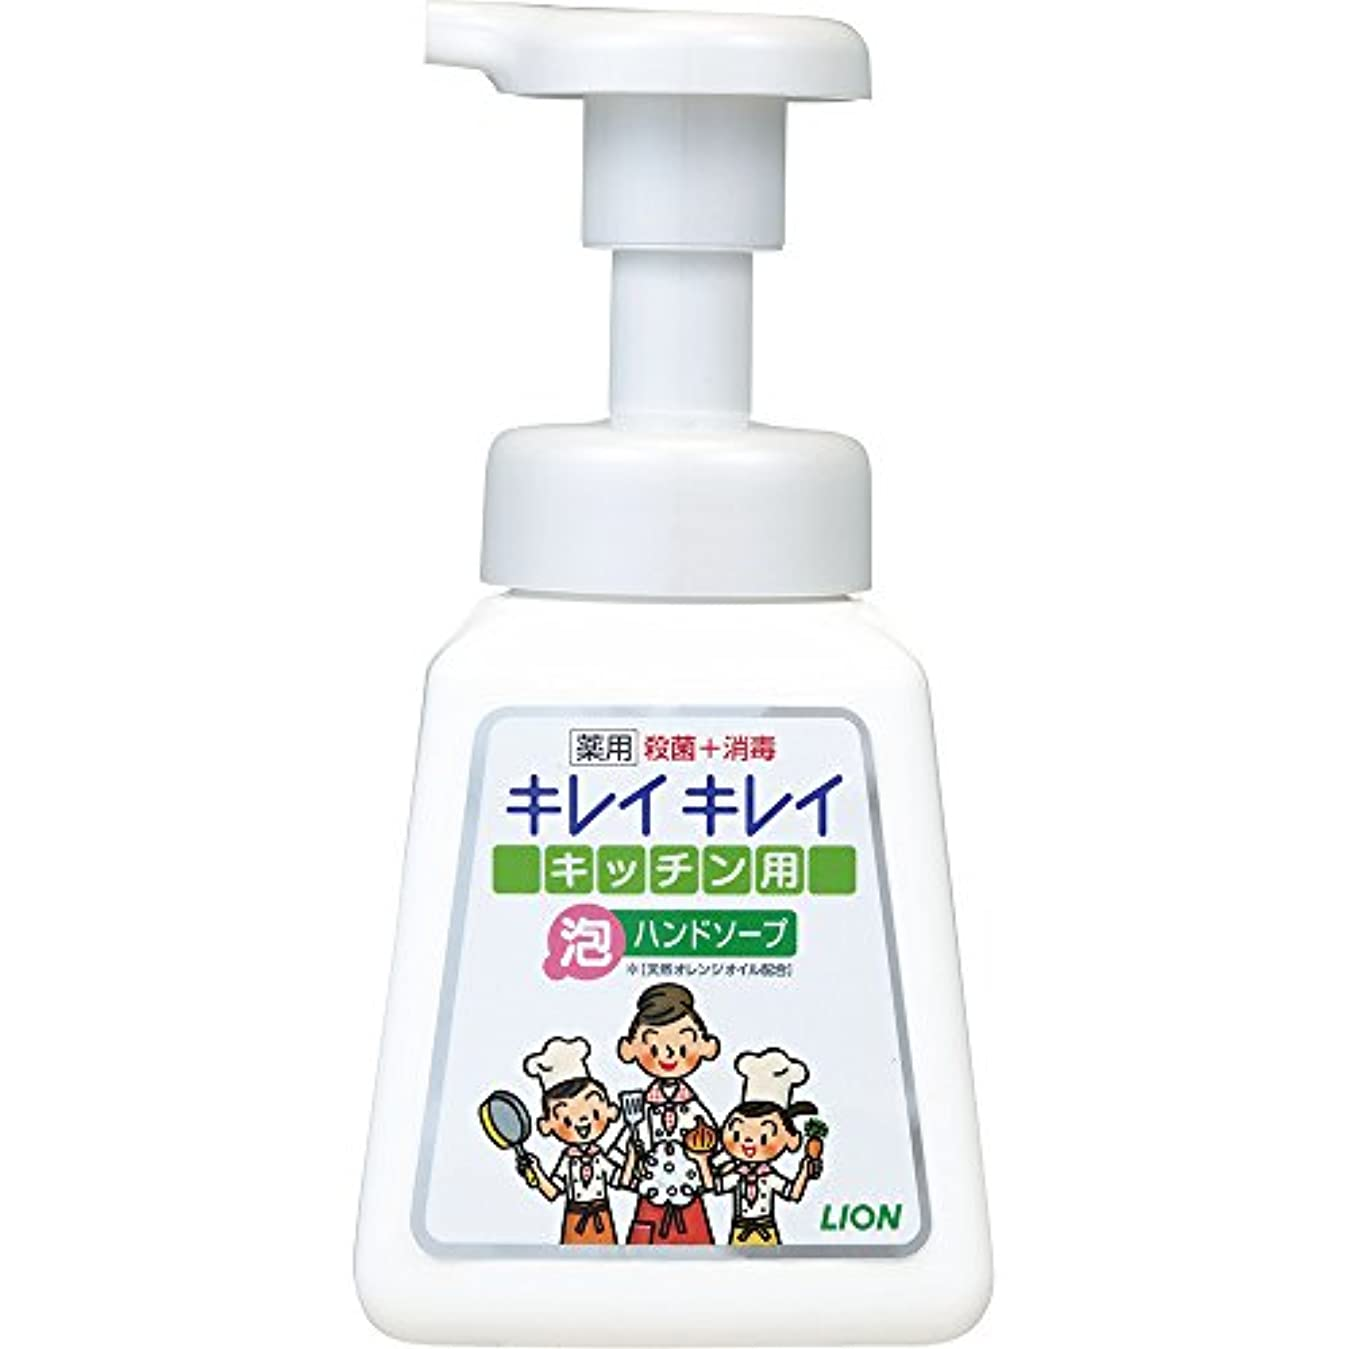 蒸留する韓国違反キレイキレイ 薬用 キッチン泡ハンドソープ 本体ポンプ 230ml(医薬部外品)